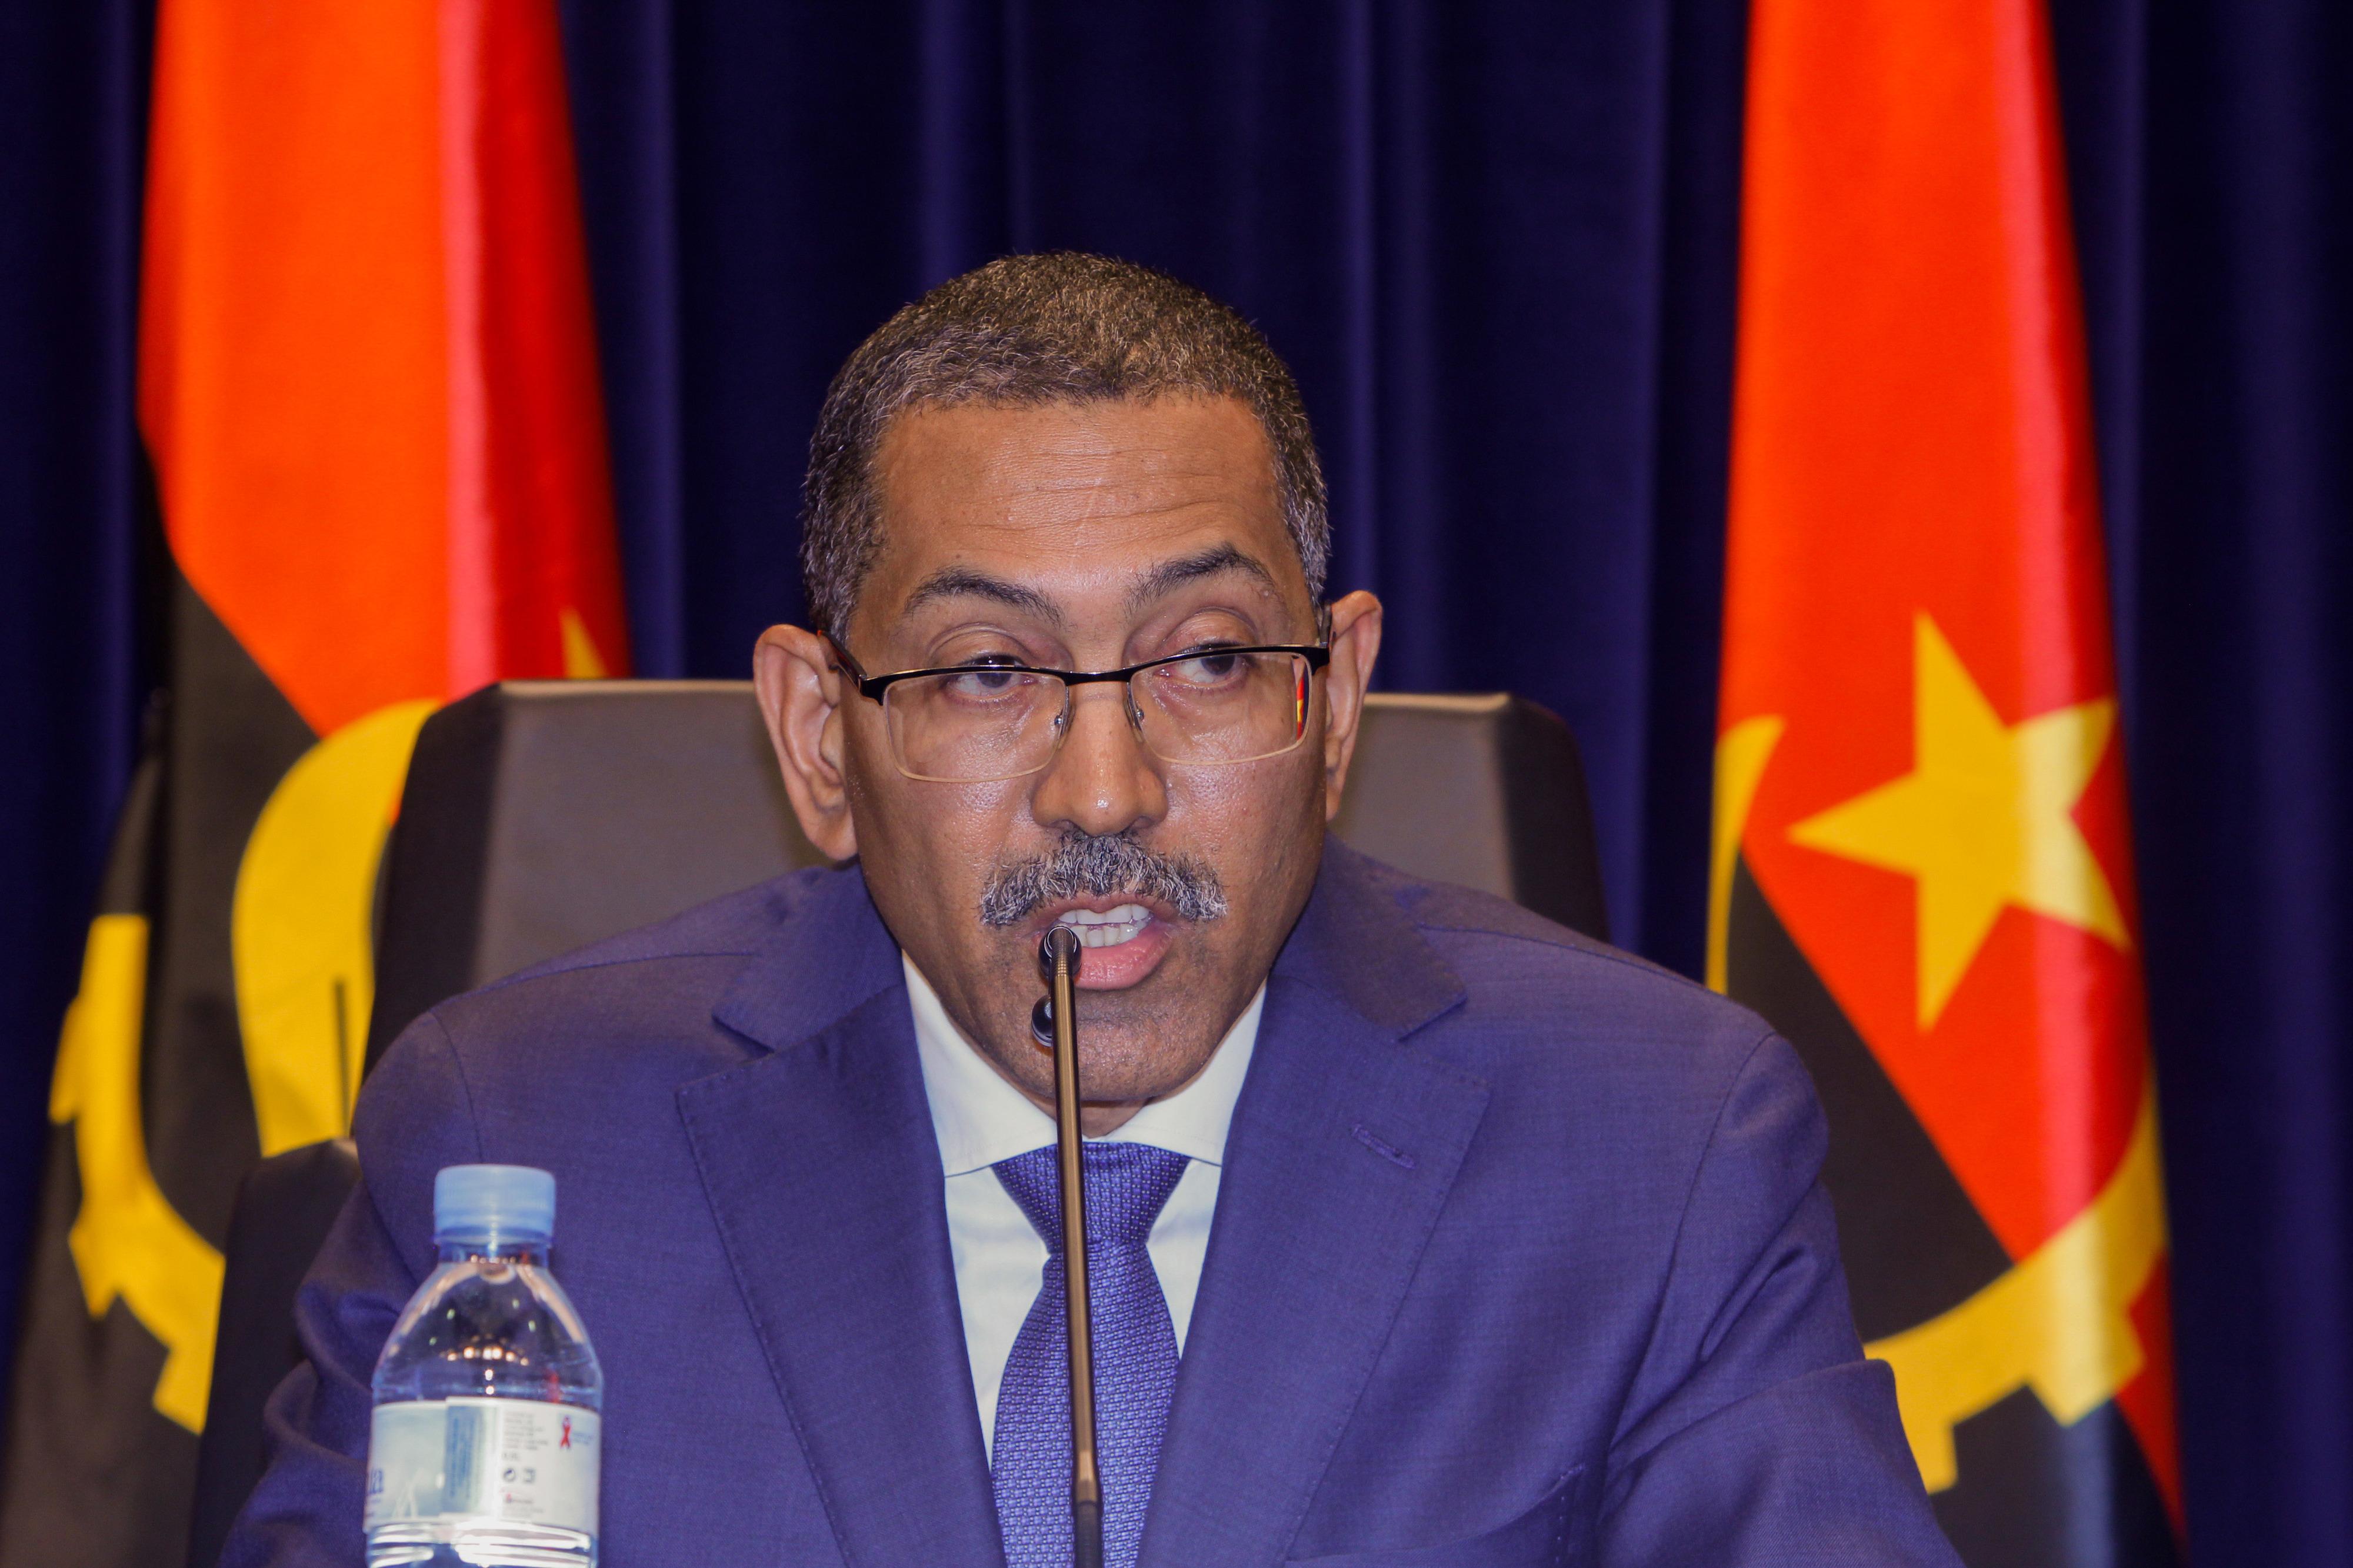 Angola apoia decisão da OPEP desde que não contrarie metas internas - MInistro